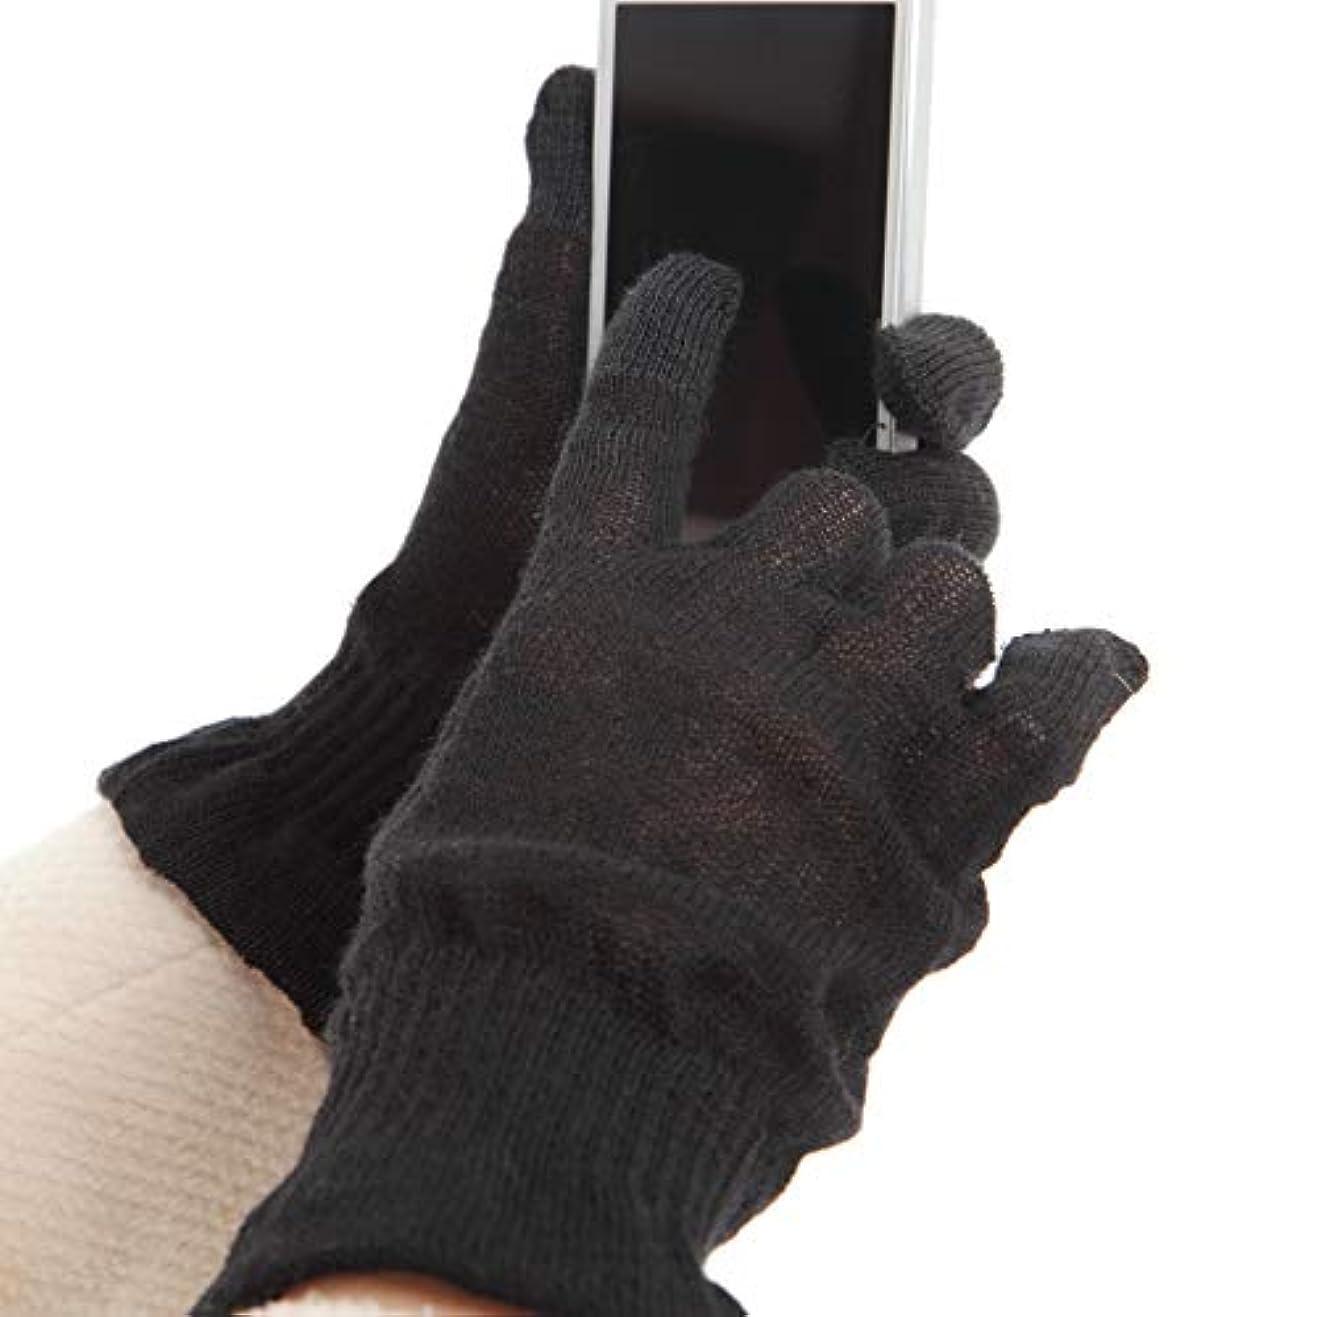 スキッパー遠え現実麻福 ヘンプ おやすみ 手袋 スマホ対応 男性用 L 黒 (ブラック) 天然 ヘンプ素材 (麻) タッチパネル スマートフォン対応 肌に優しい 乾燥対策